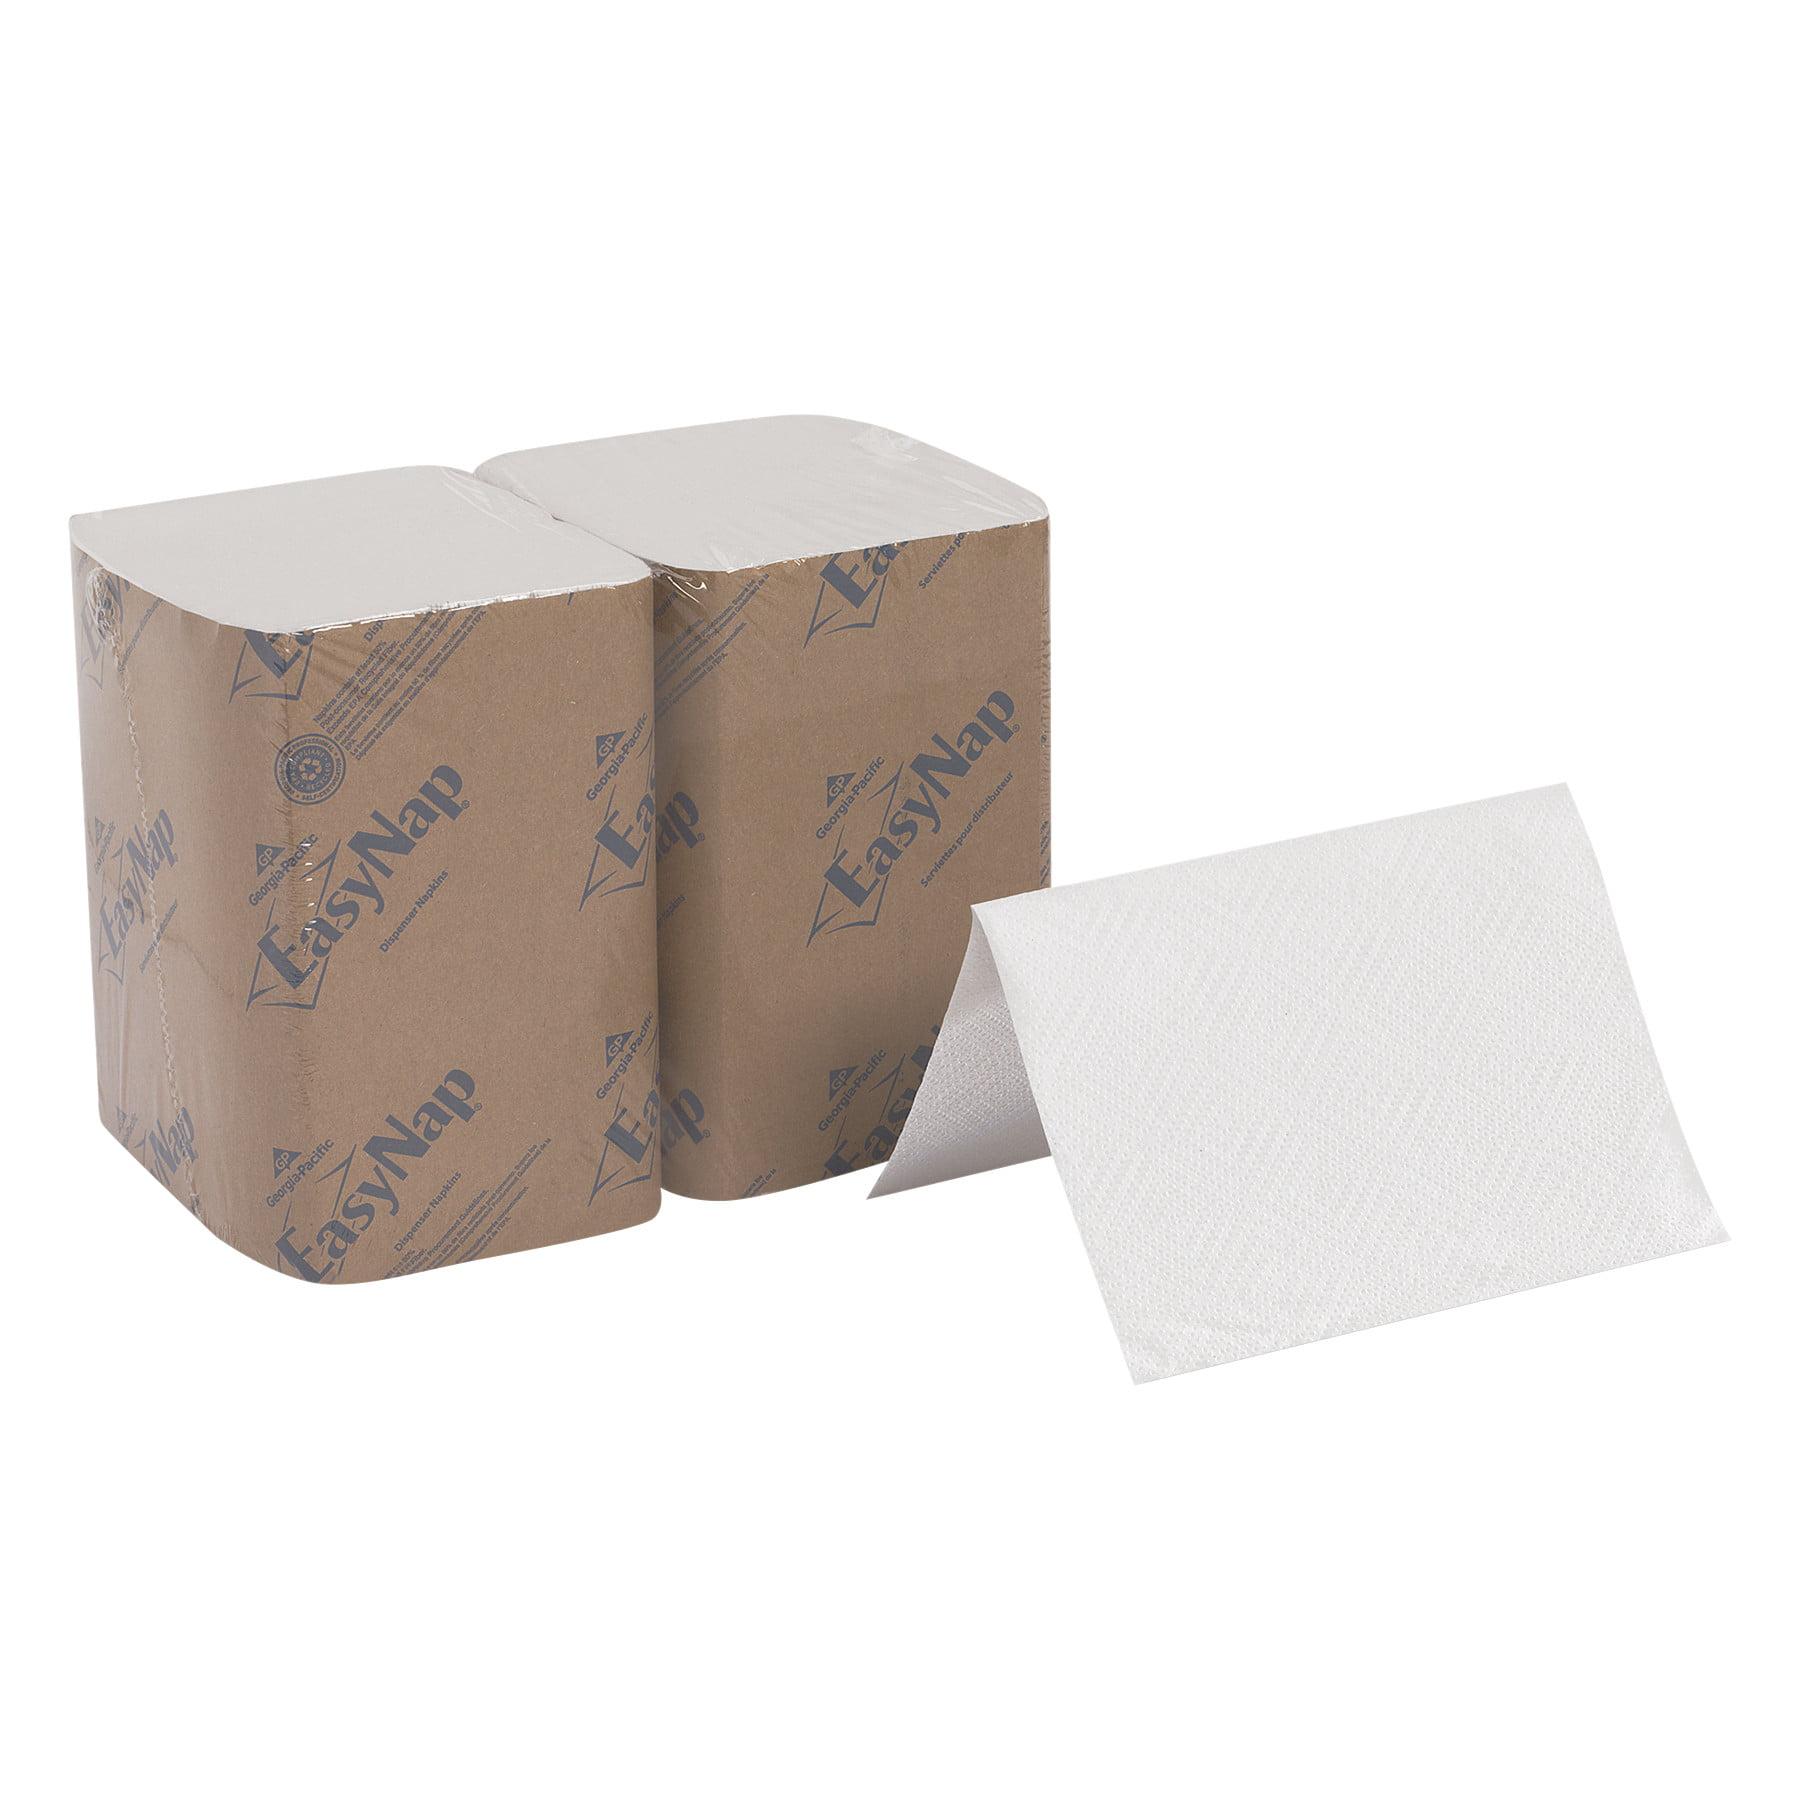 Dixie Ultra Interfold Napkin Refills 2 Ply 6 1 2x9 7 8 White 500